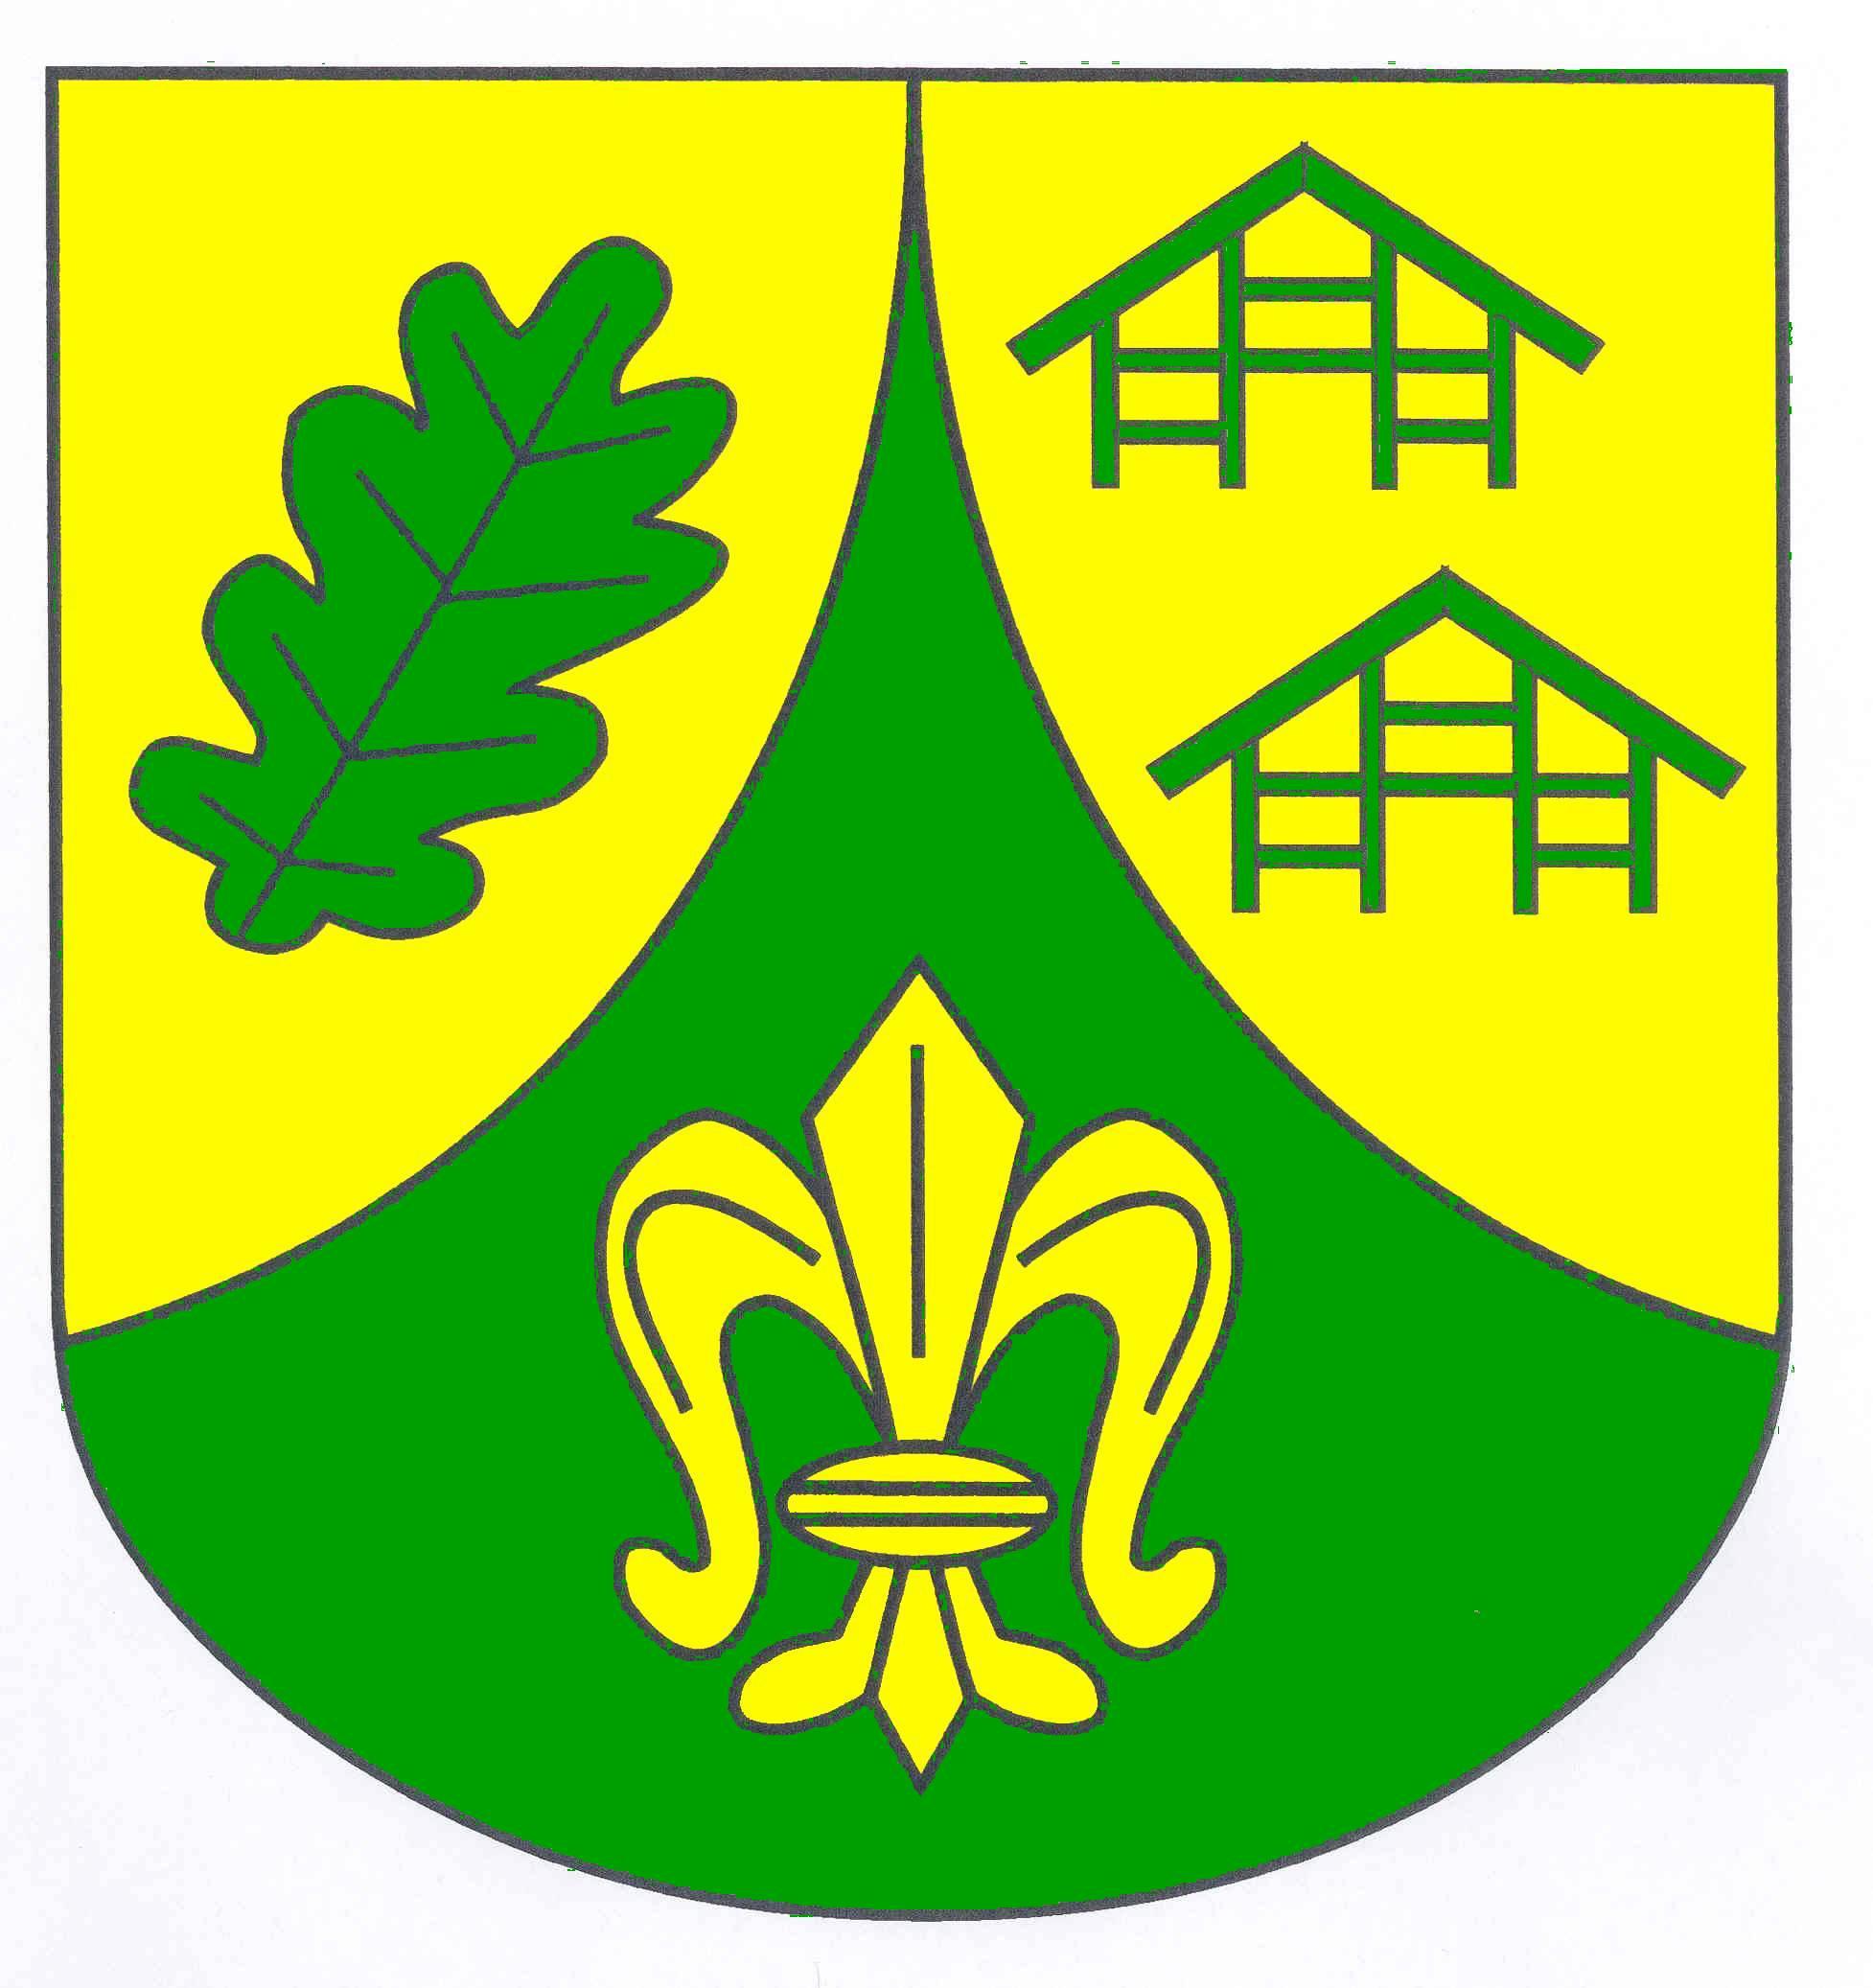 Wappen GemeindeDahmker, Kreis Herzogtum Lauenburg